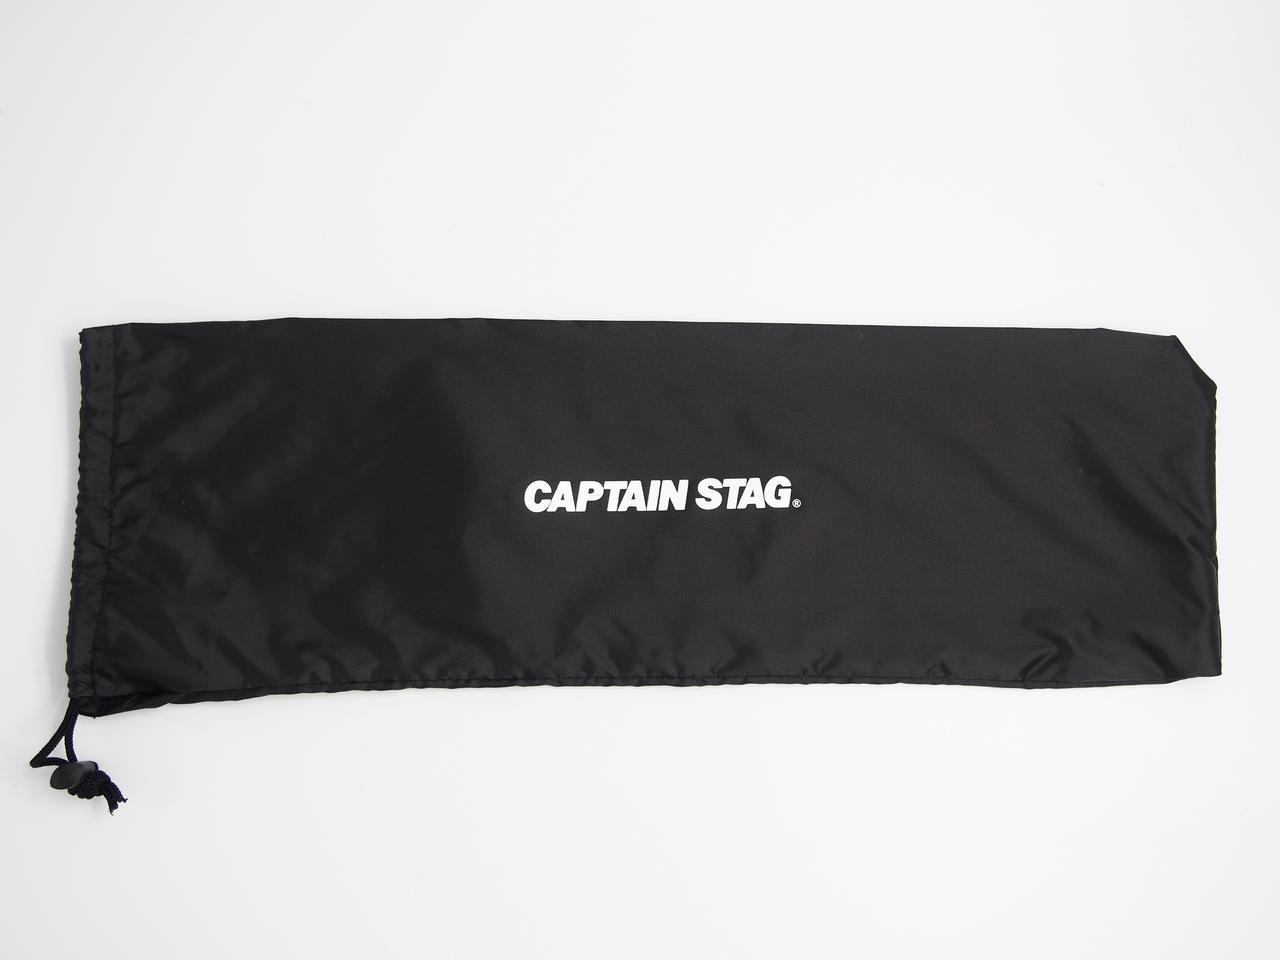 画像5: 【CAPTAIN STAG × 村の鍛冶屋】ライバルの共演!オリジナル木製ロールテーブルを9/17より限定500台発売